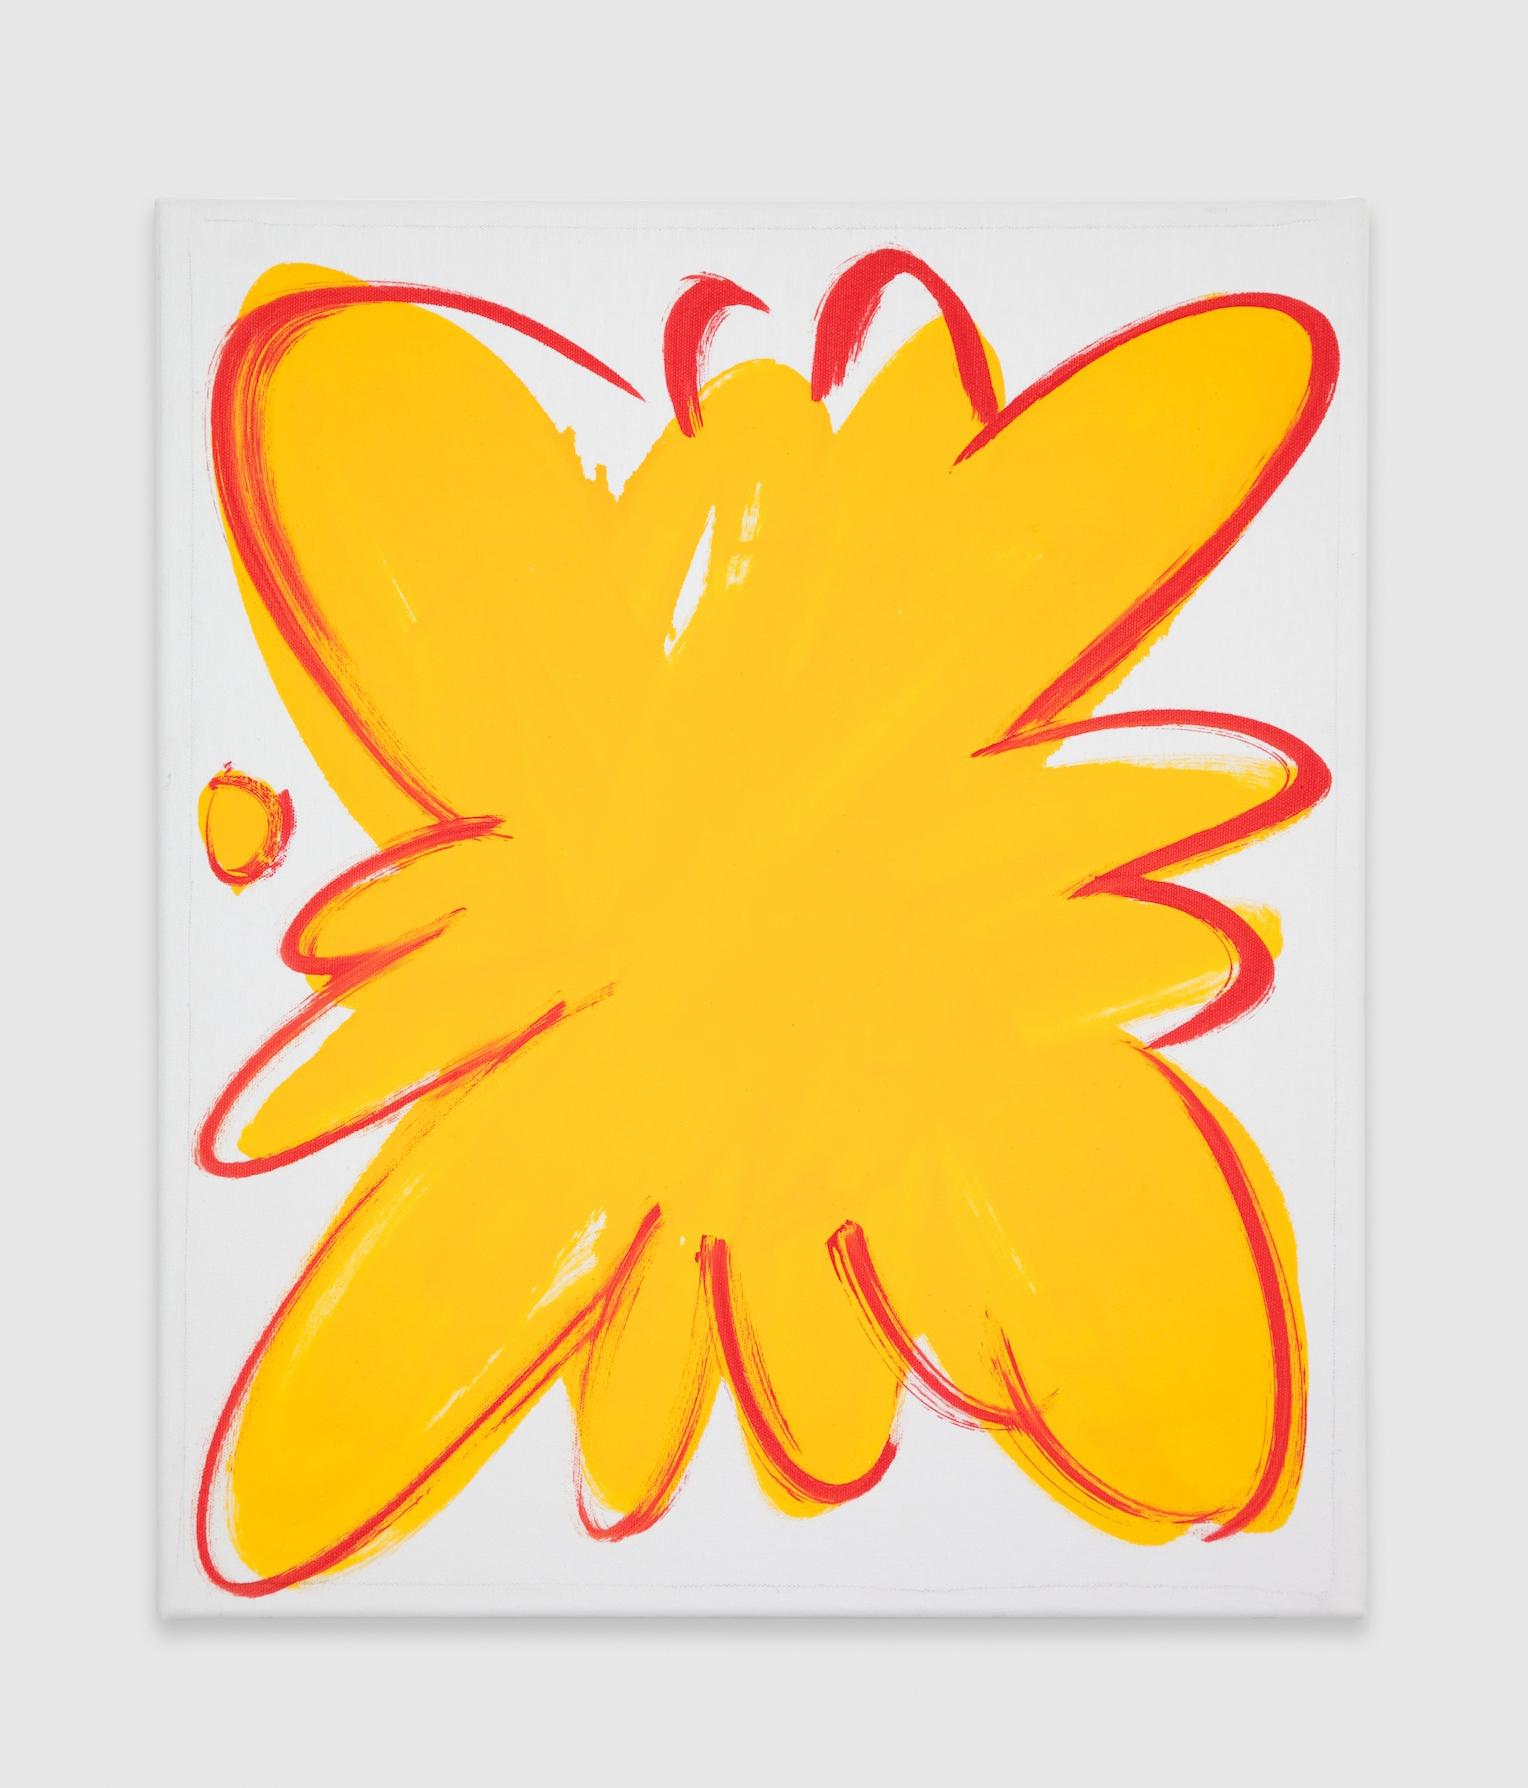 Paul Cowan  Untitled  2012 Enamel on canvas 21h x 18w in PC019